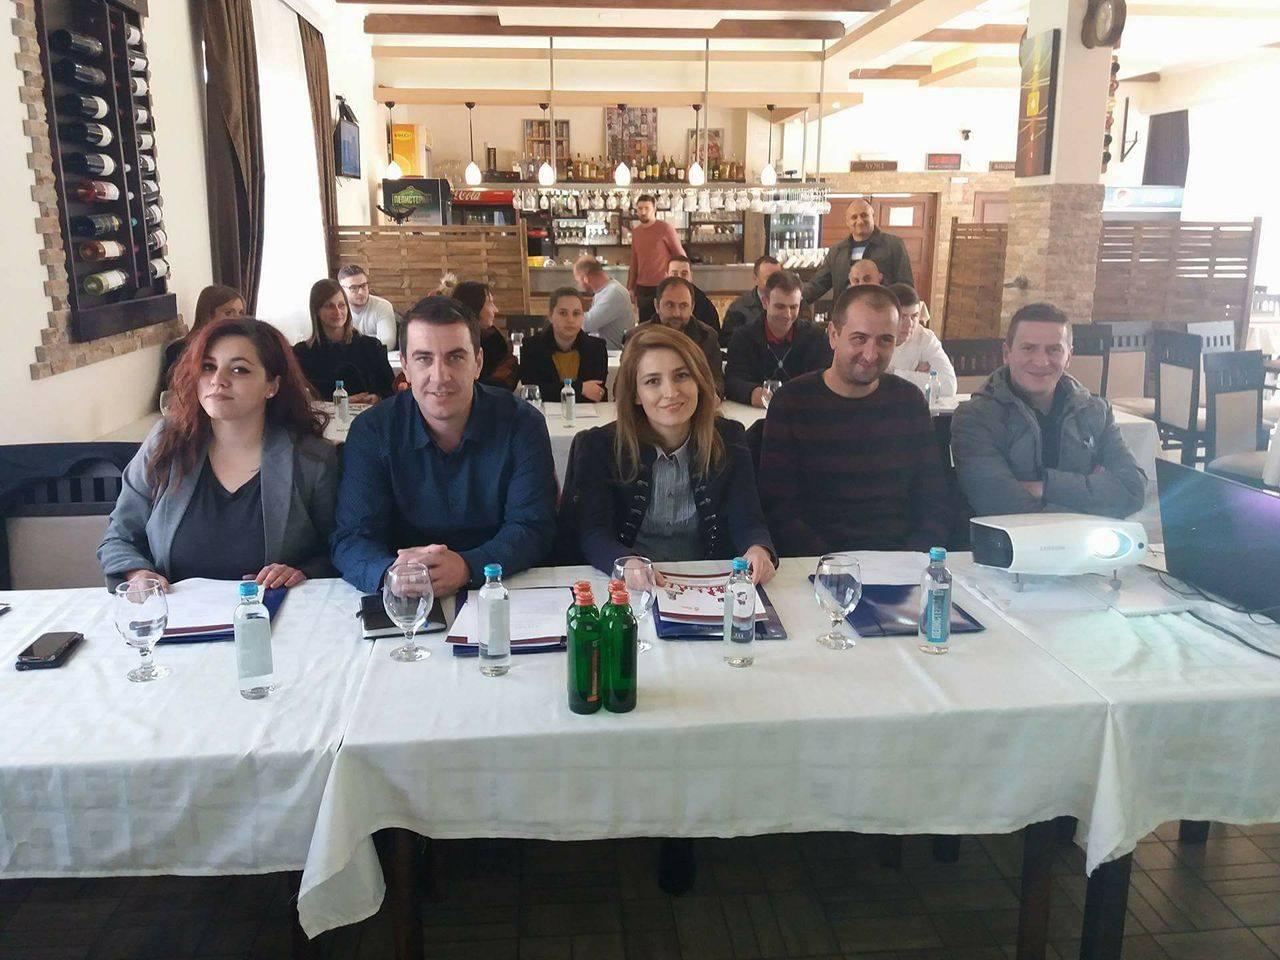 За плата од 500 до 700 евра месечно би се вратиле иселениците во Македонија, бидејќи и главната причина зошто тие ја напуштиле државата се ниските плати.